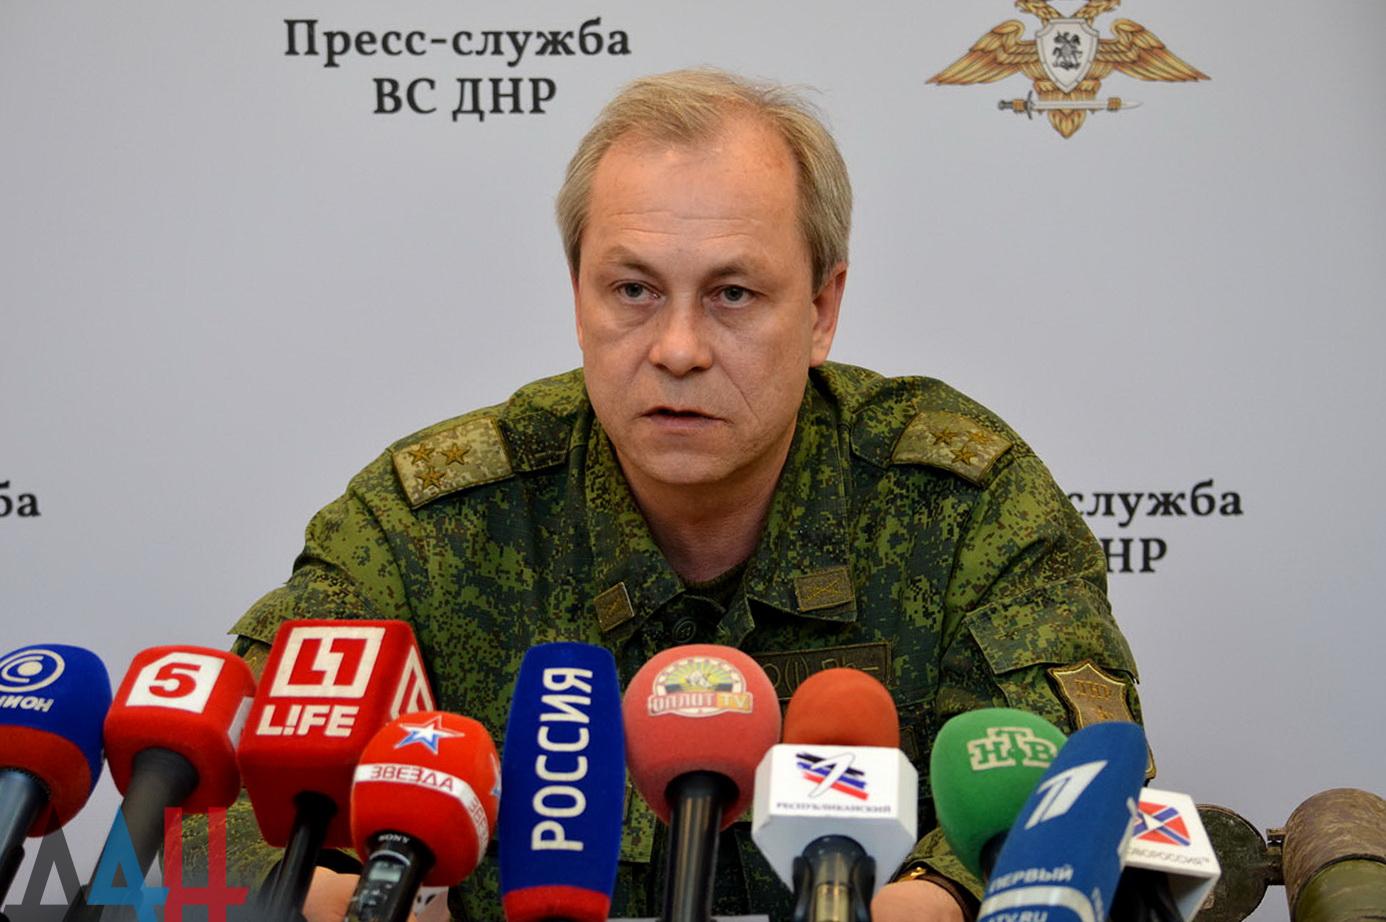 """Видимо, актеру проплатили только за три дня: соцсети высмеяли заявление террориста Басурина о том, что они отпустили """"пленного офицера ВСУ"""", — кадры"""